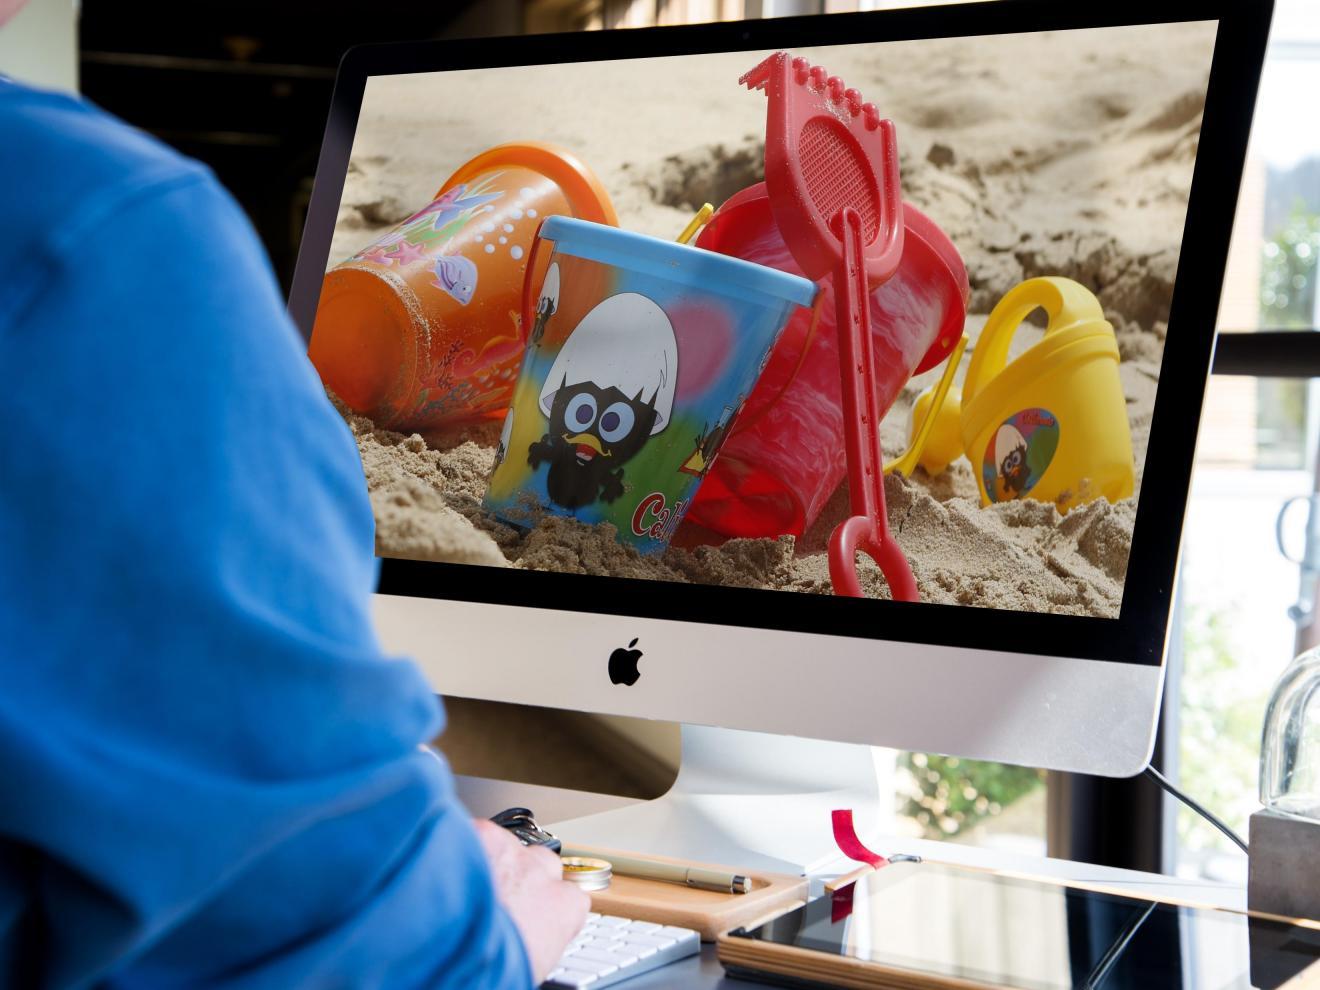 Dia das Crianças gera 11 milhões de pedidos online, afirma Neotrust/Compre&Confie